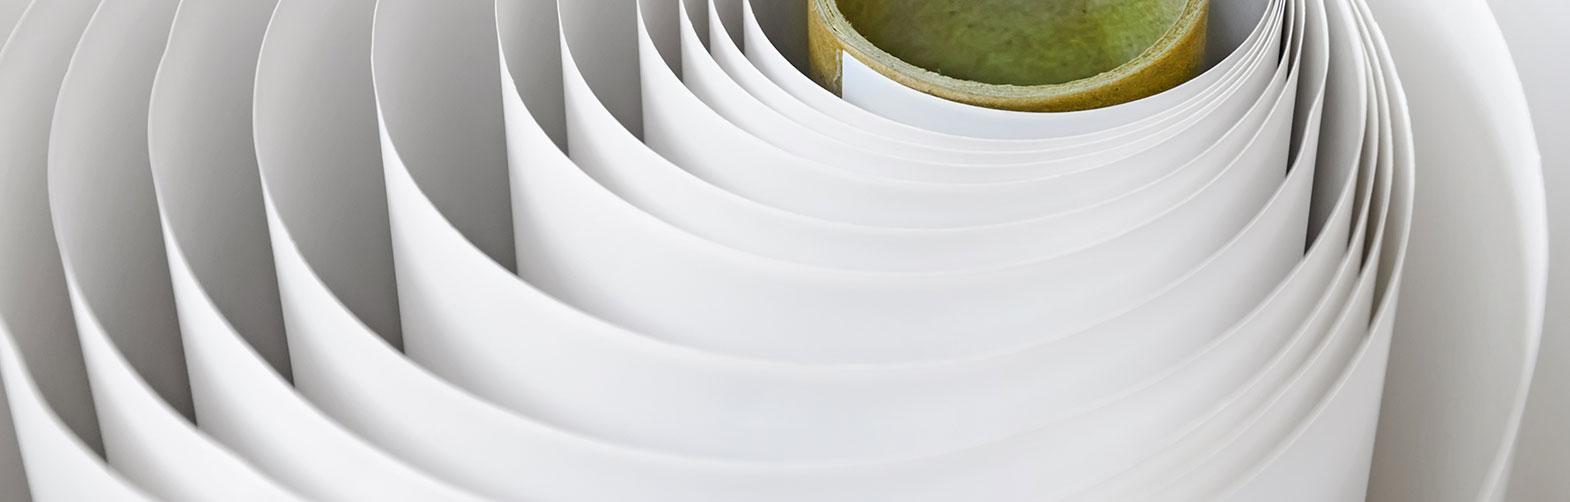 papier-karton3.jpg